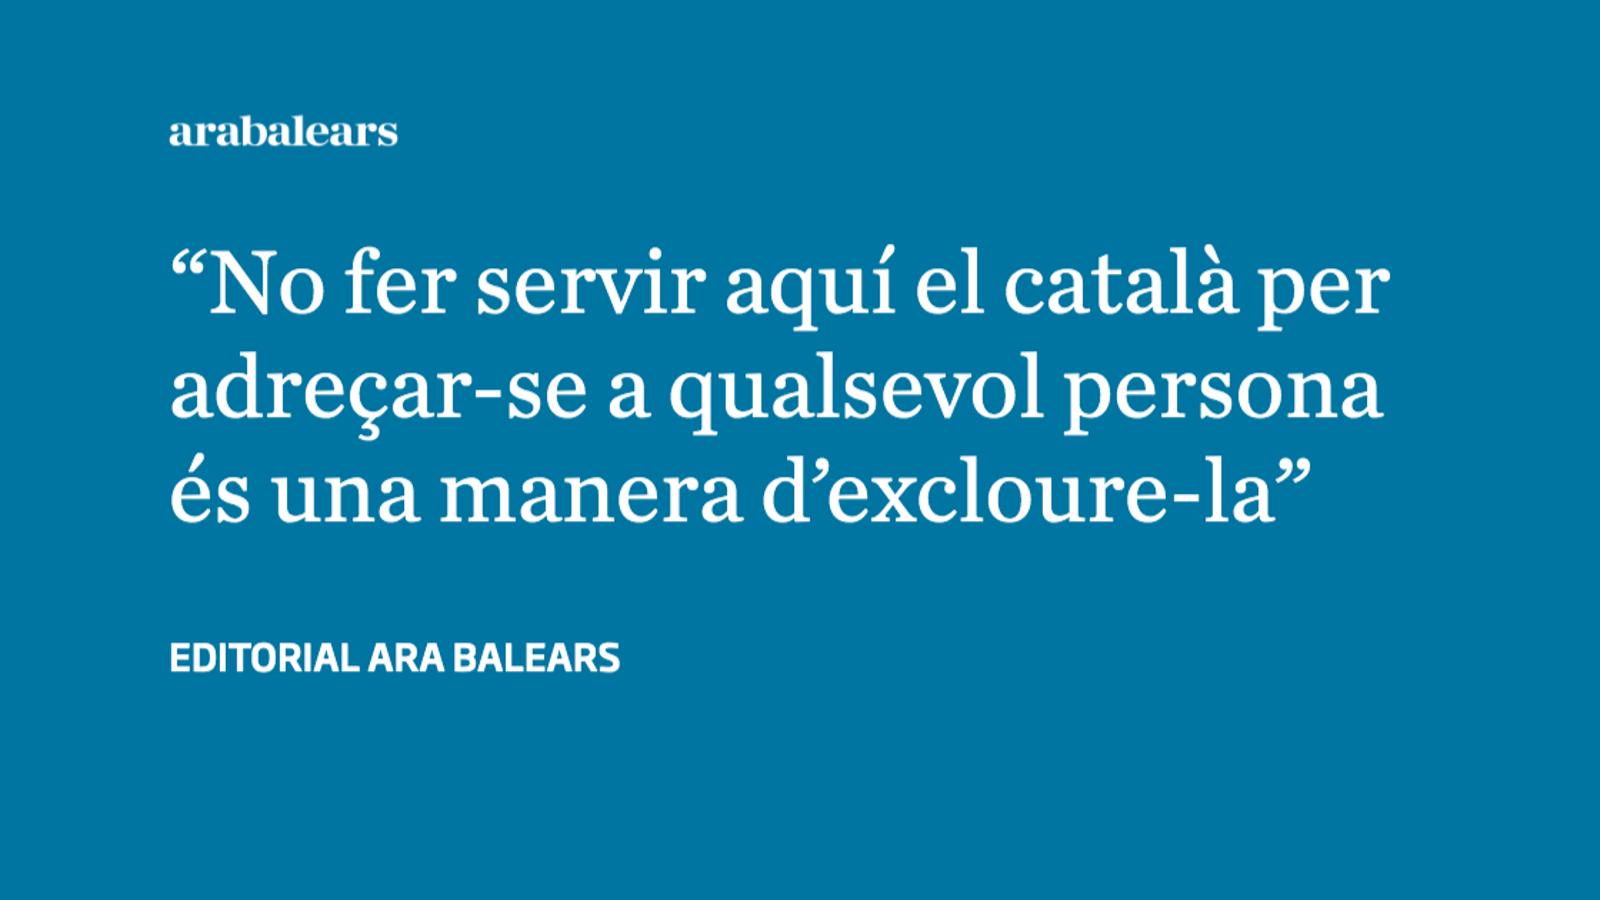 No siguis racista, parla-li en català